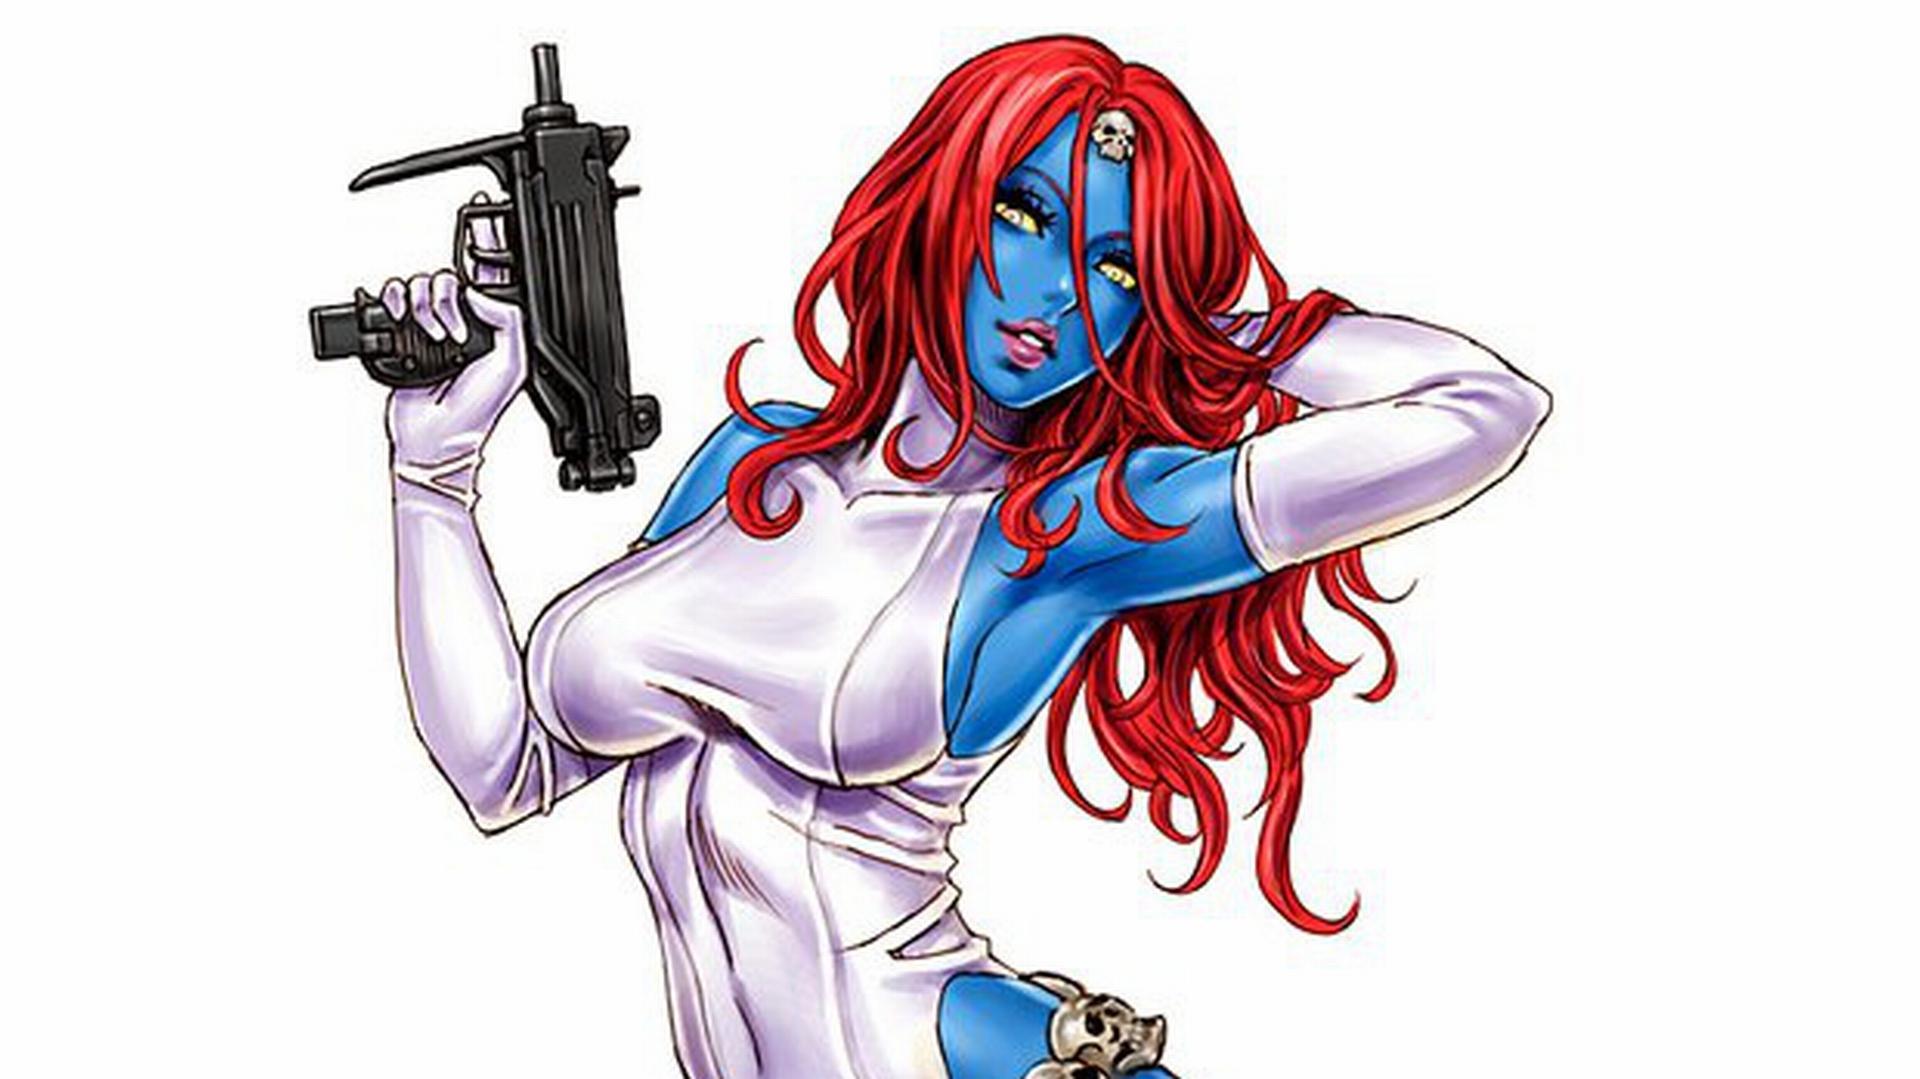 Mystique Comics wallpapers HD quality